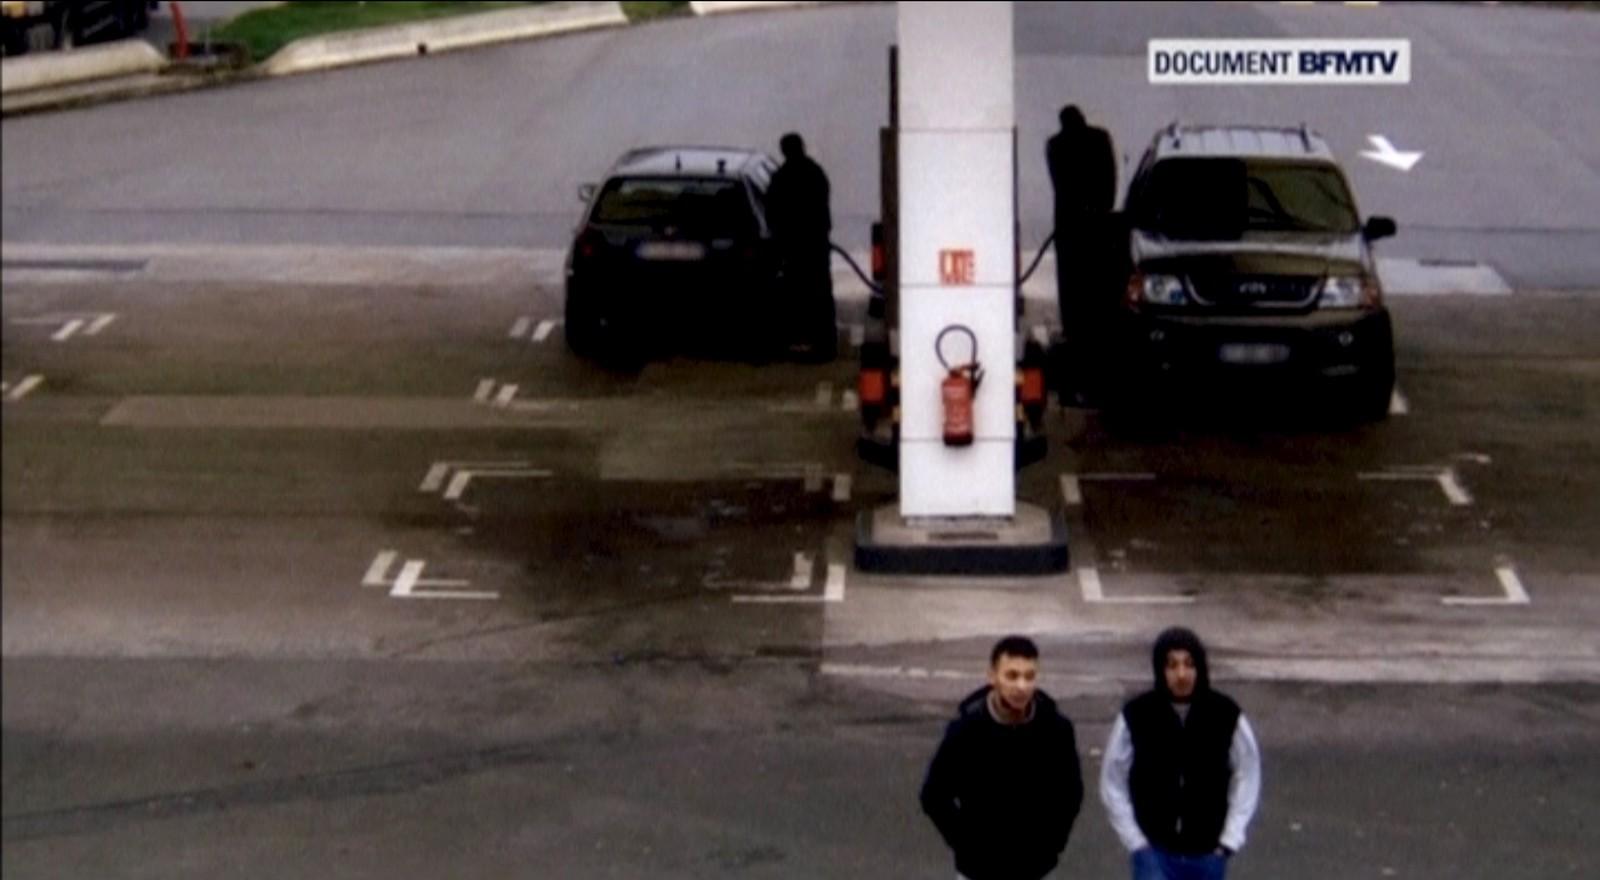 En fransk TV-kanal har fått tak i overvåkingsbilder av den ettersøkte Salah Abdeslam på flukt etter angrepene i Paris i november. Bildet er tatt på en bensinstasjon sammen med en av vennene, Hamza Attou, som kjørte ham fra Paris til Brussel etter angrepene